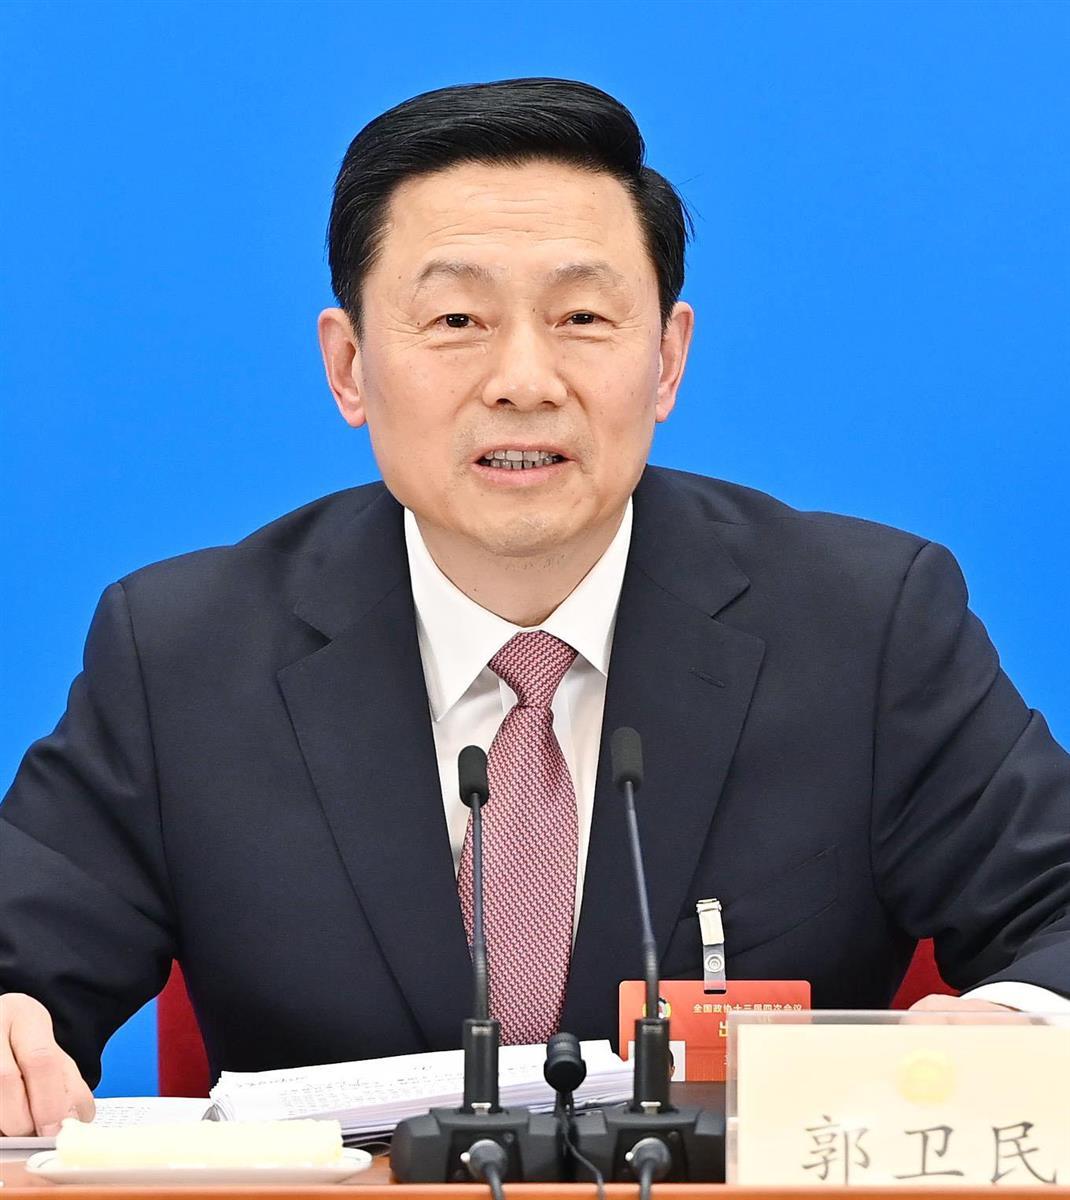 香港選挙制度見直しは「一国二制度を守る」 中国政協報道官が強調